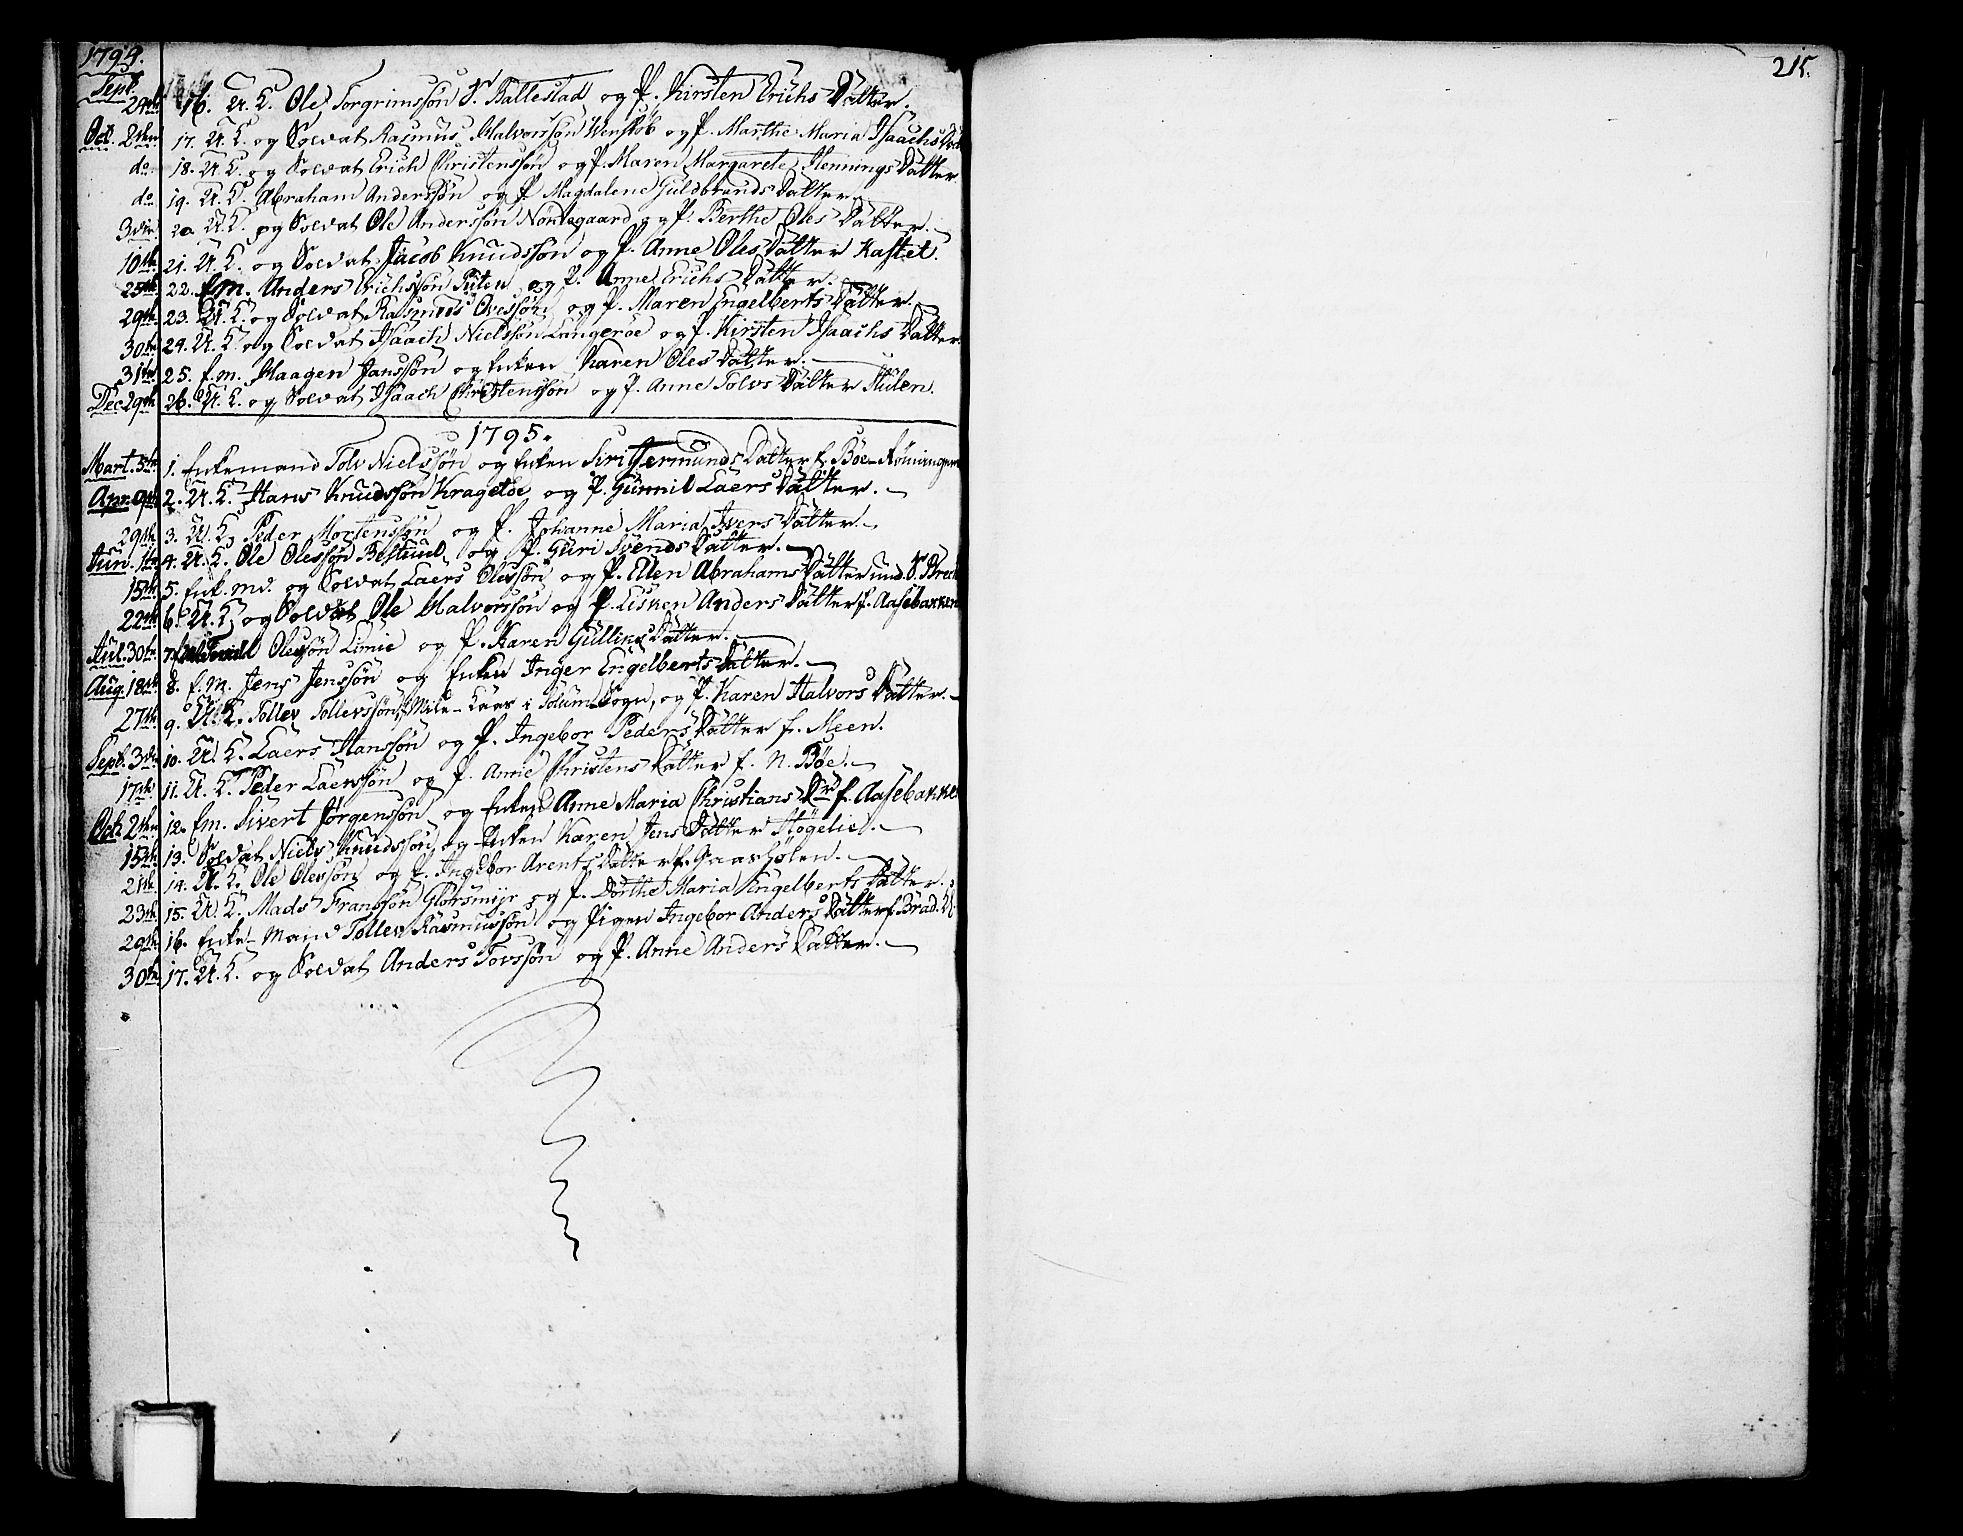 SAKO, Gjerpen kirkebøker, F/Fa/L0002: Ministerialbok nr. 2, 1747-1795, s. 203